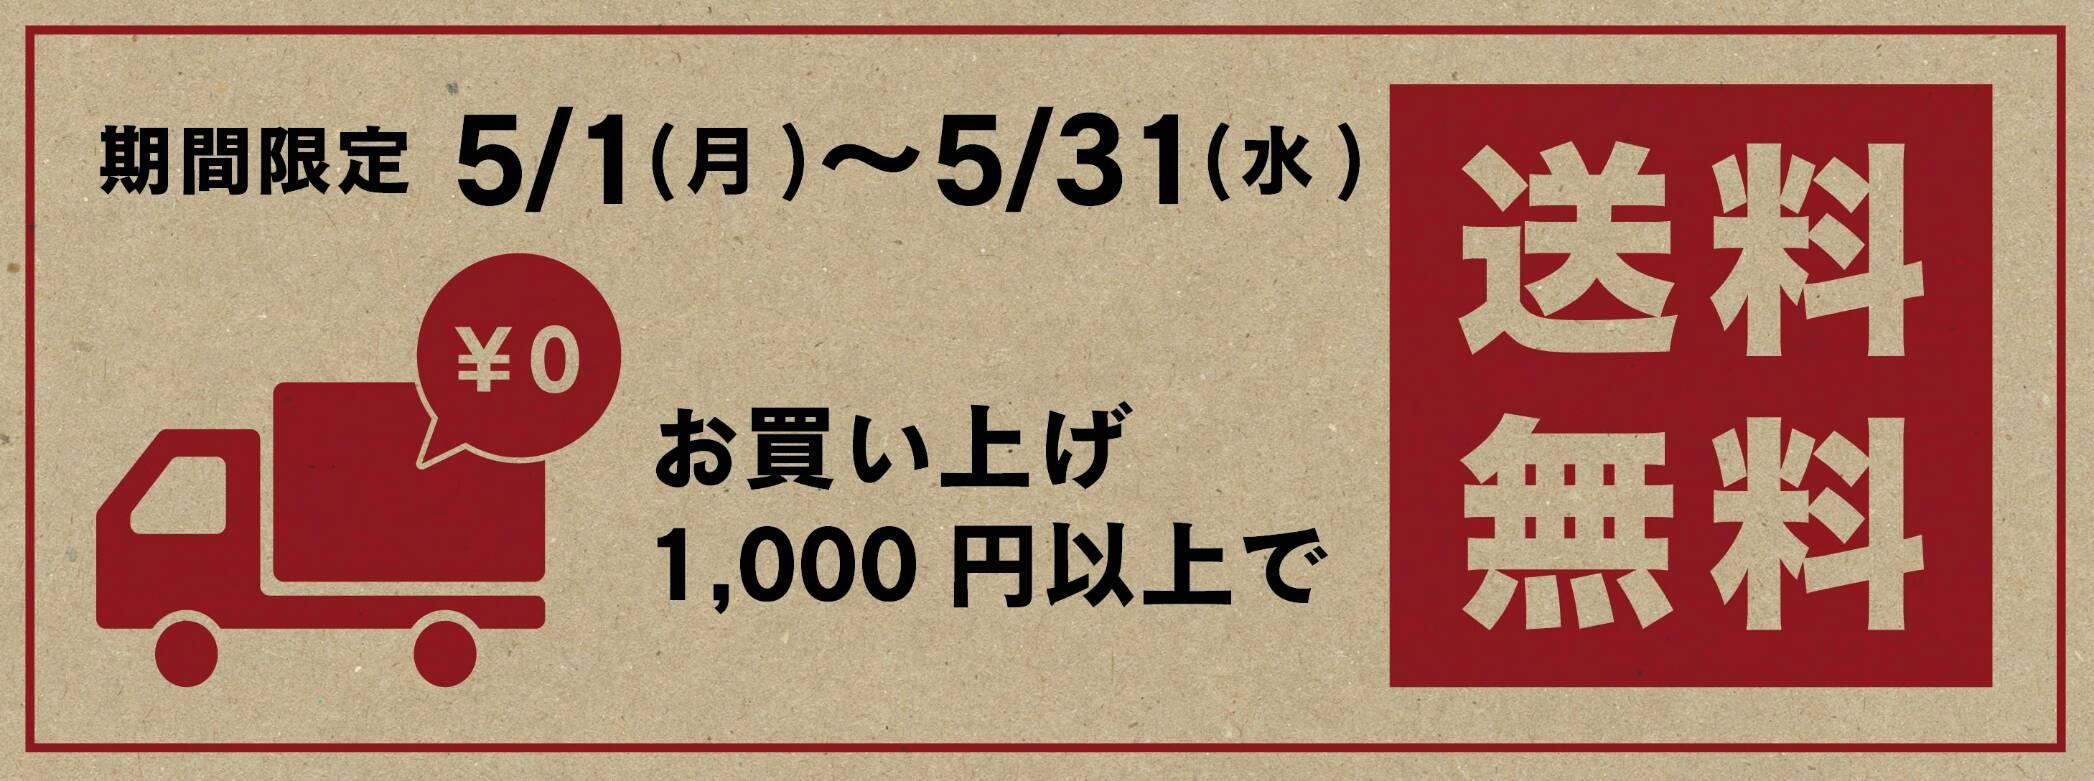 5月31日まで、1000円以上のお買い上げで送料無料